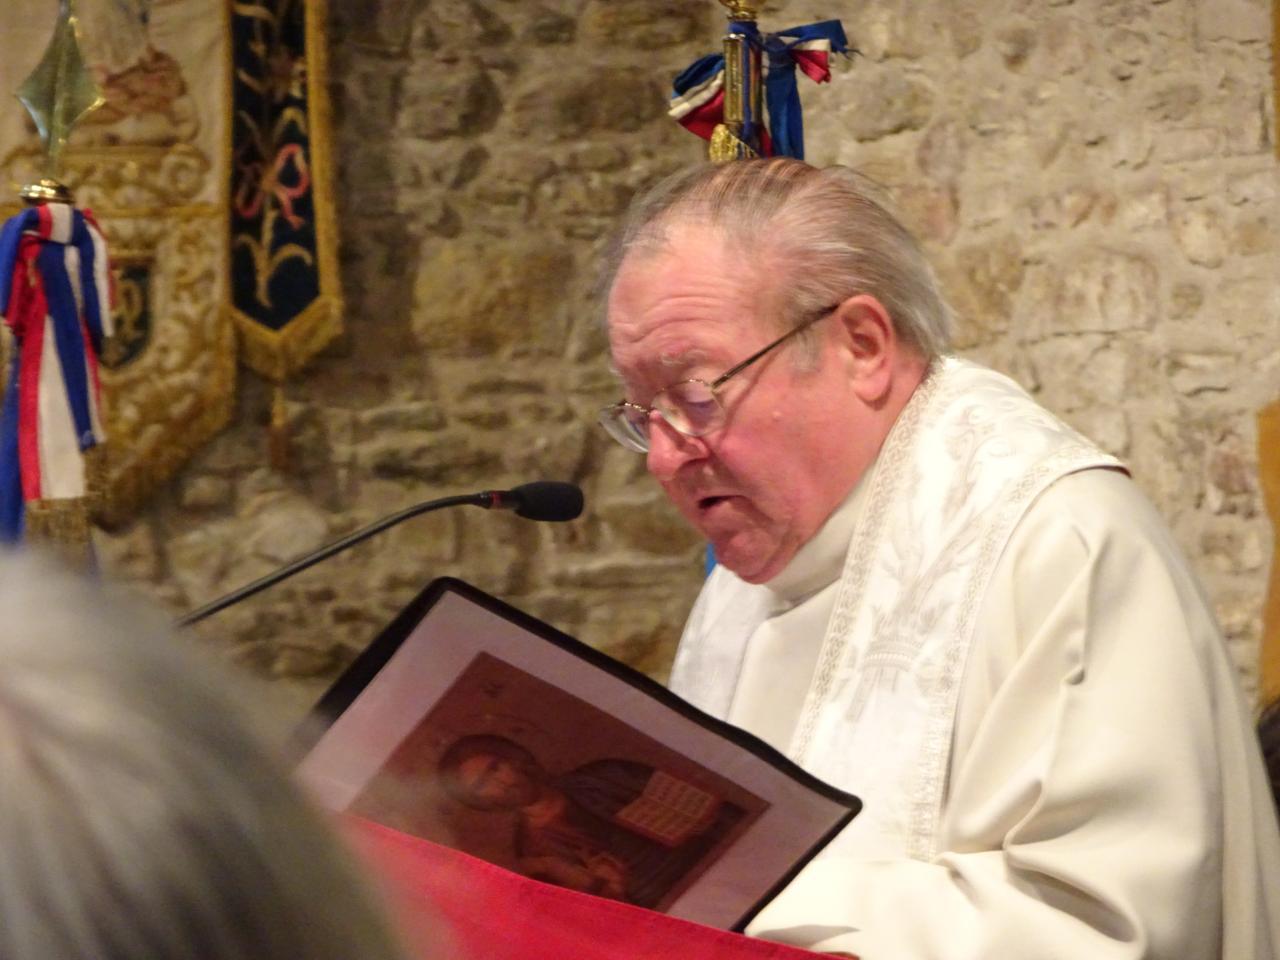 039_DSC01428 - Père Pierre GUILBAUD